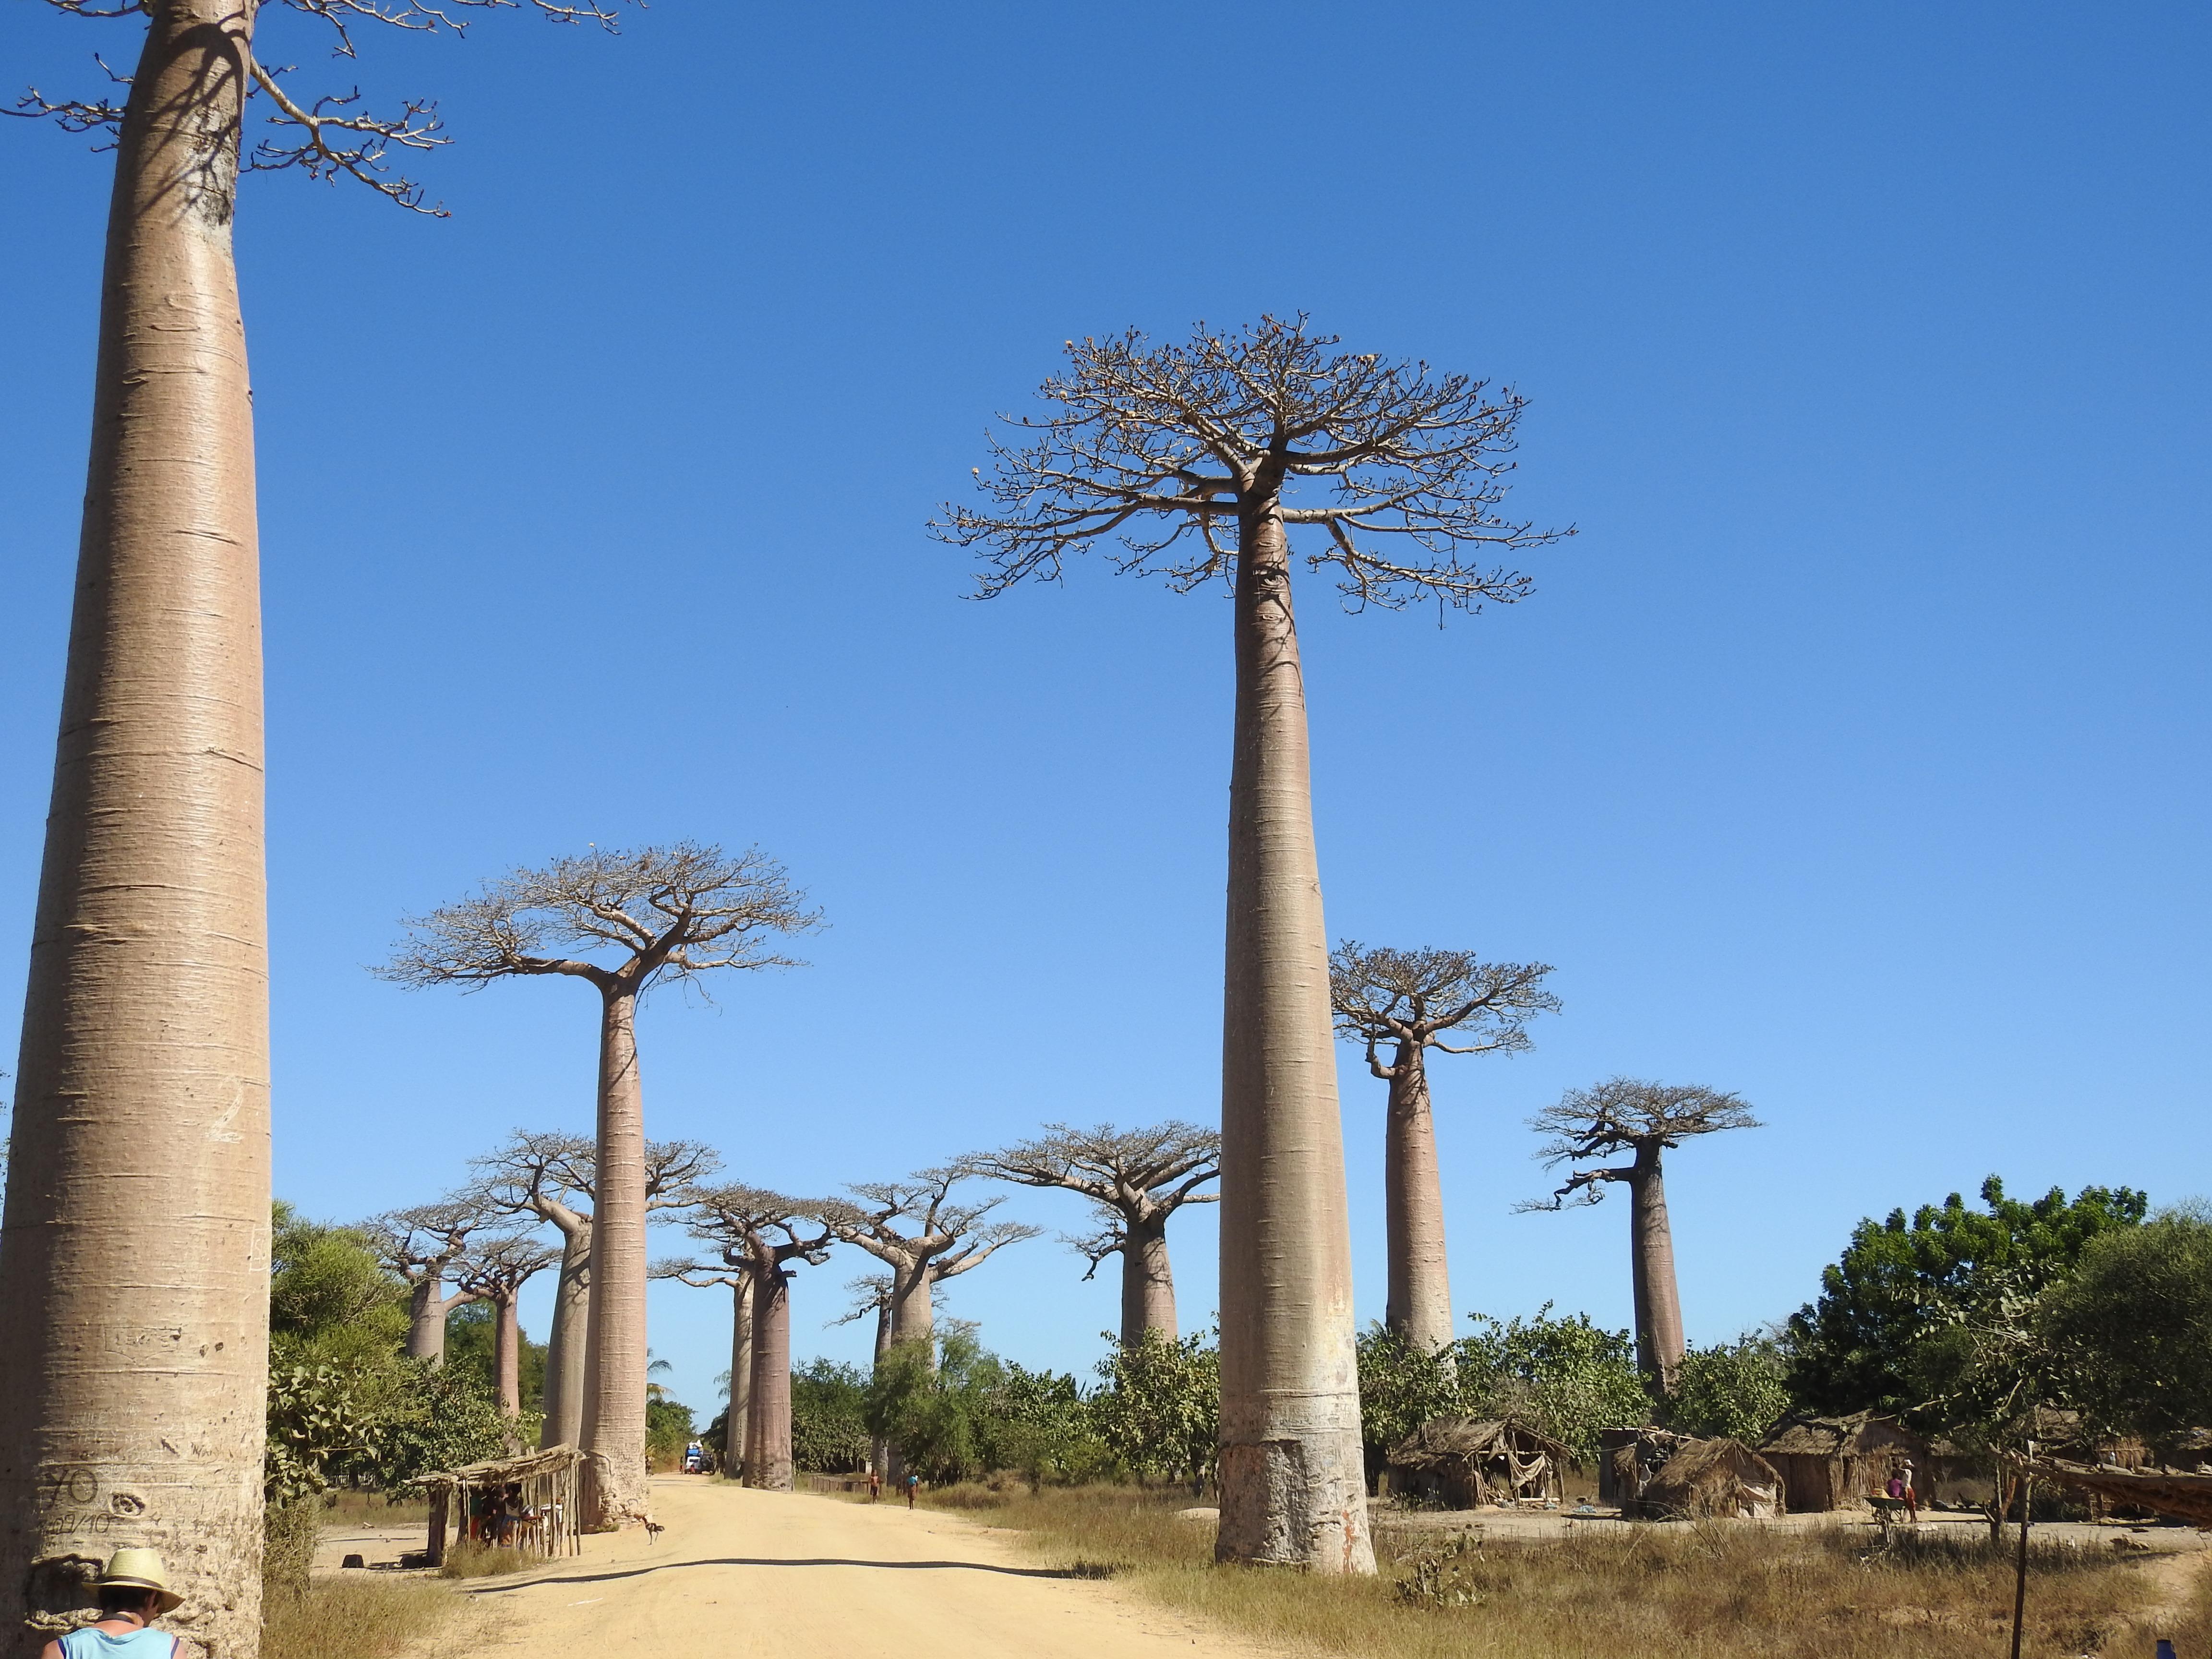 die berühmte Baobaballee in Morondava